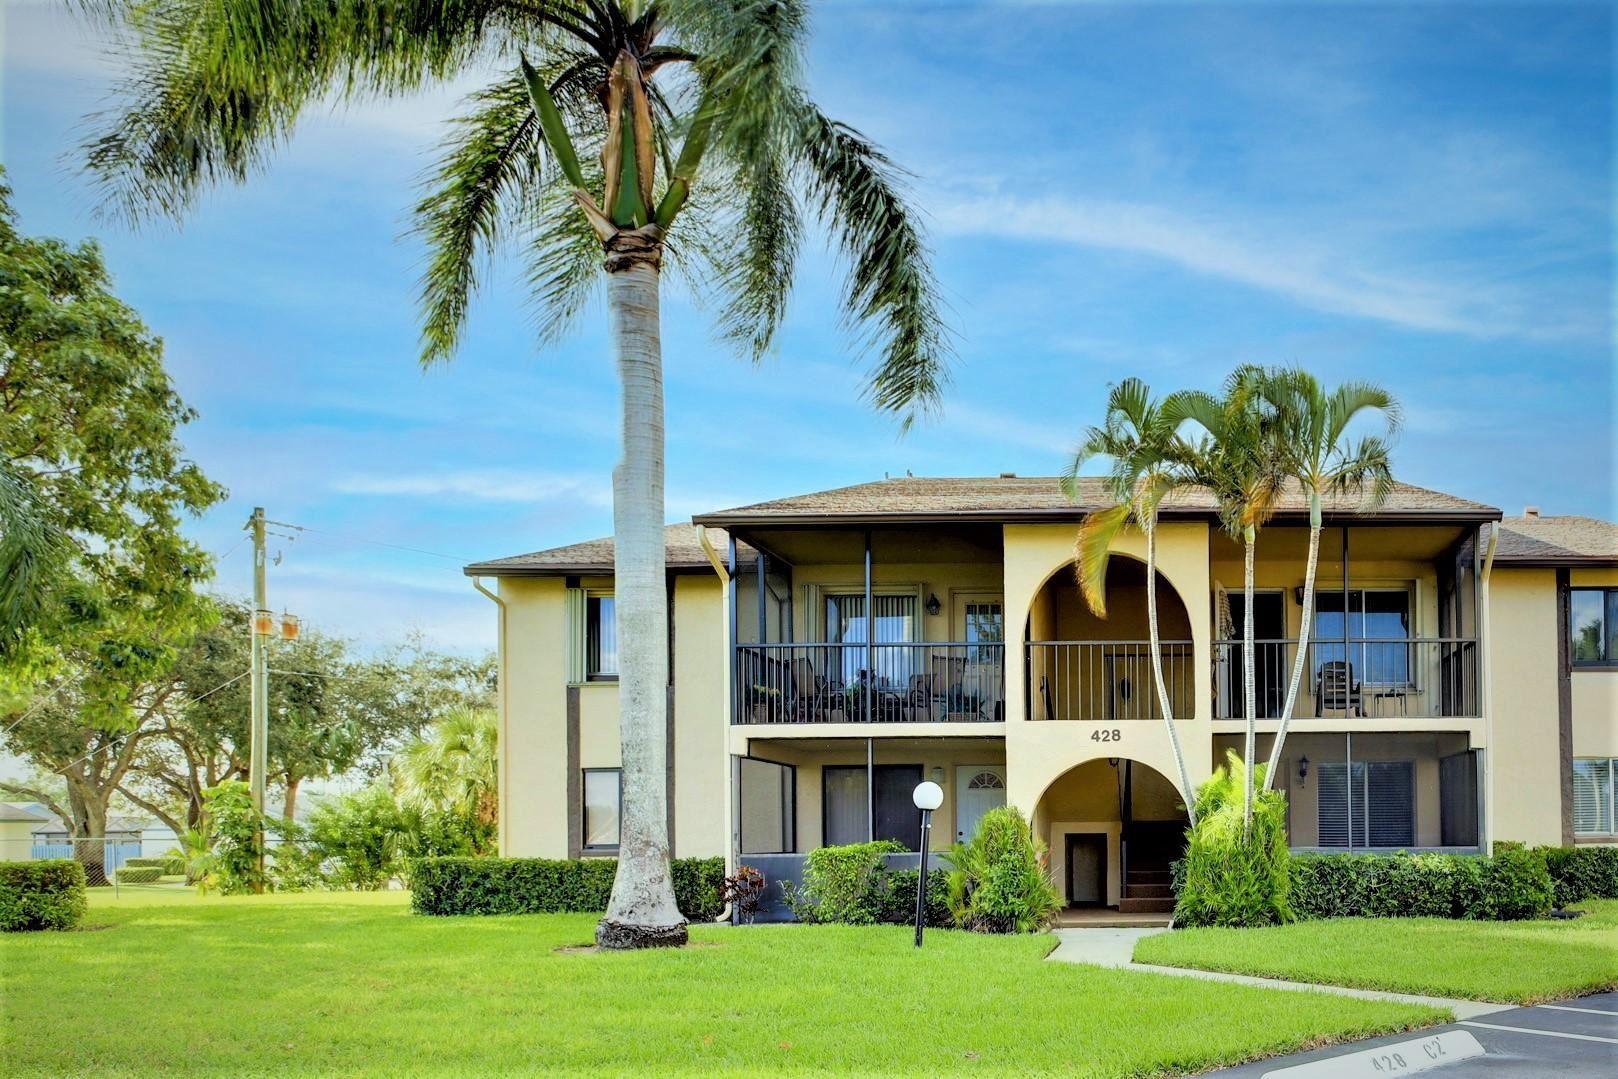 428 Pine Glen Lane #B-1, Greenacres, FL 33463 - #: RX-10672657